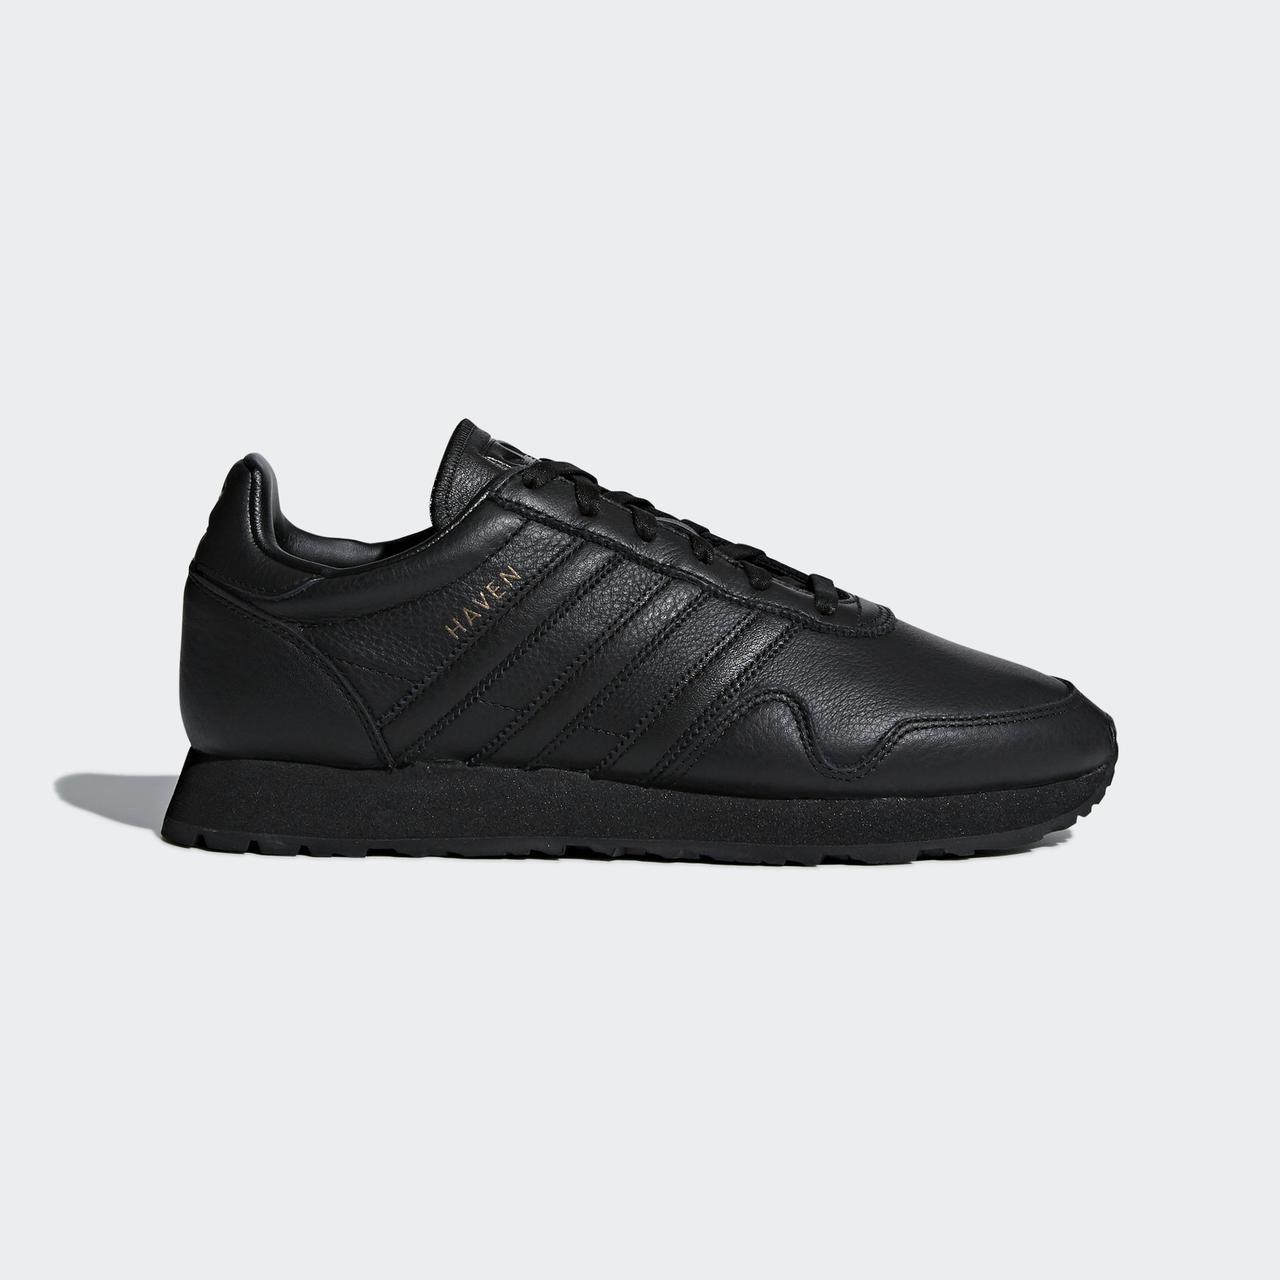 659085ec1 Мужские кроссовки Adidas Originals Haven (Артикул: CQ3036) -  Интернет-магазин «Эксперт